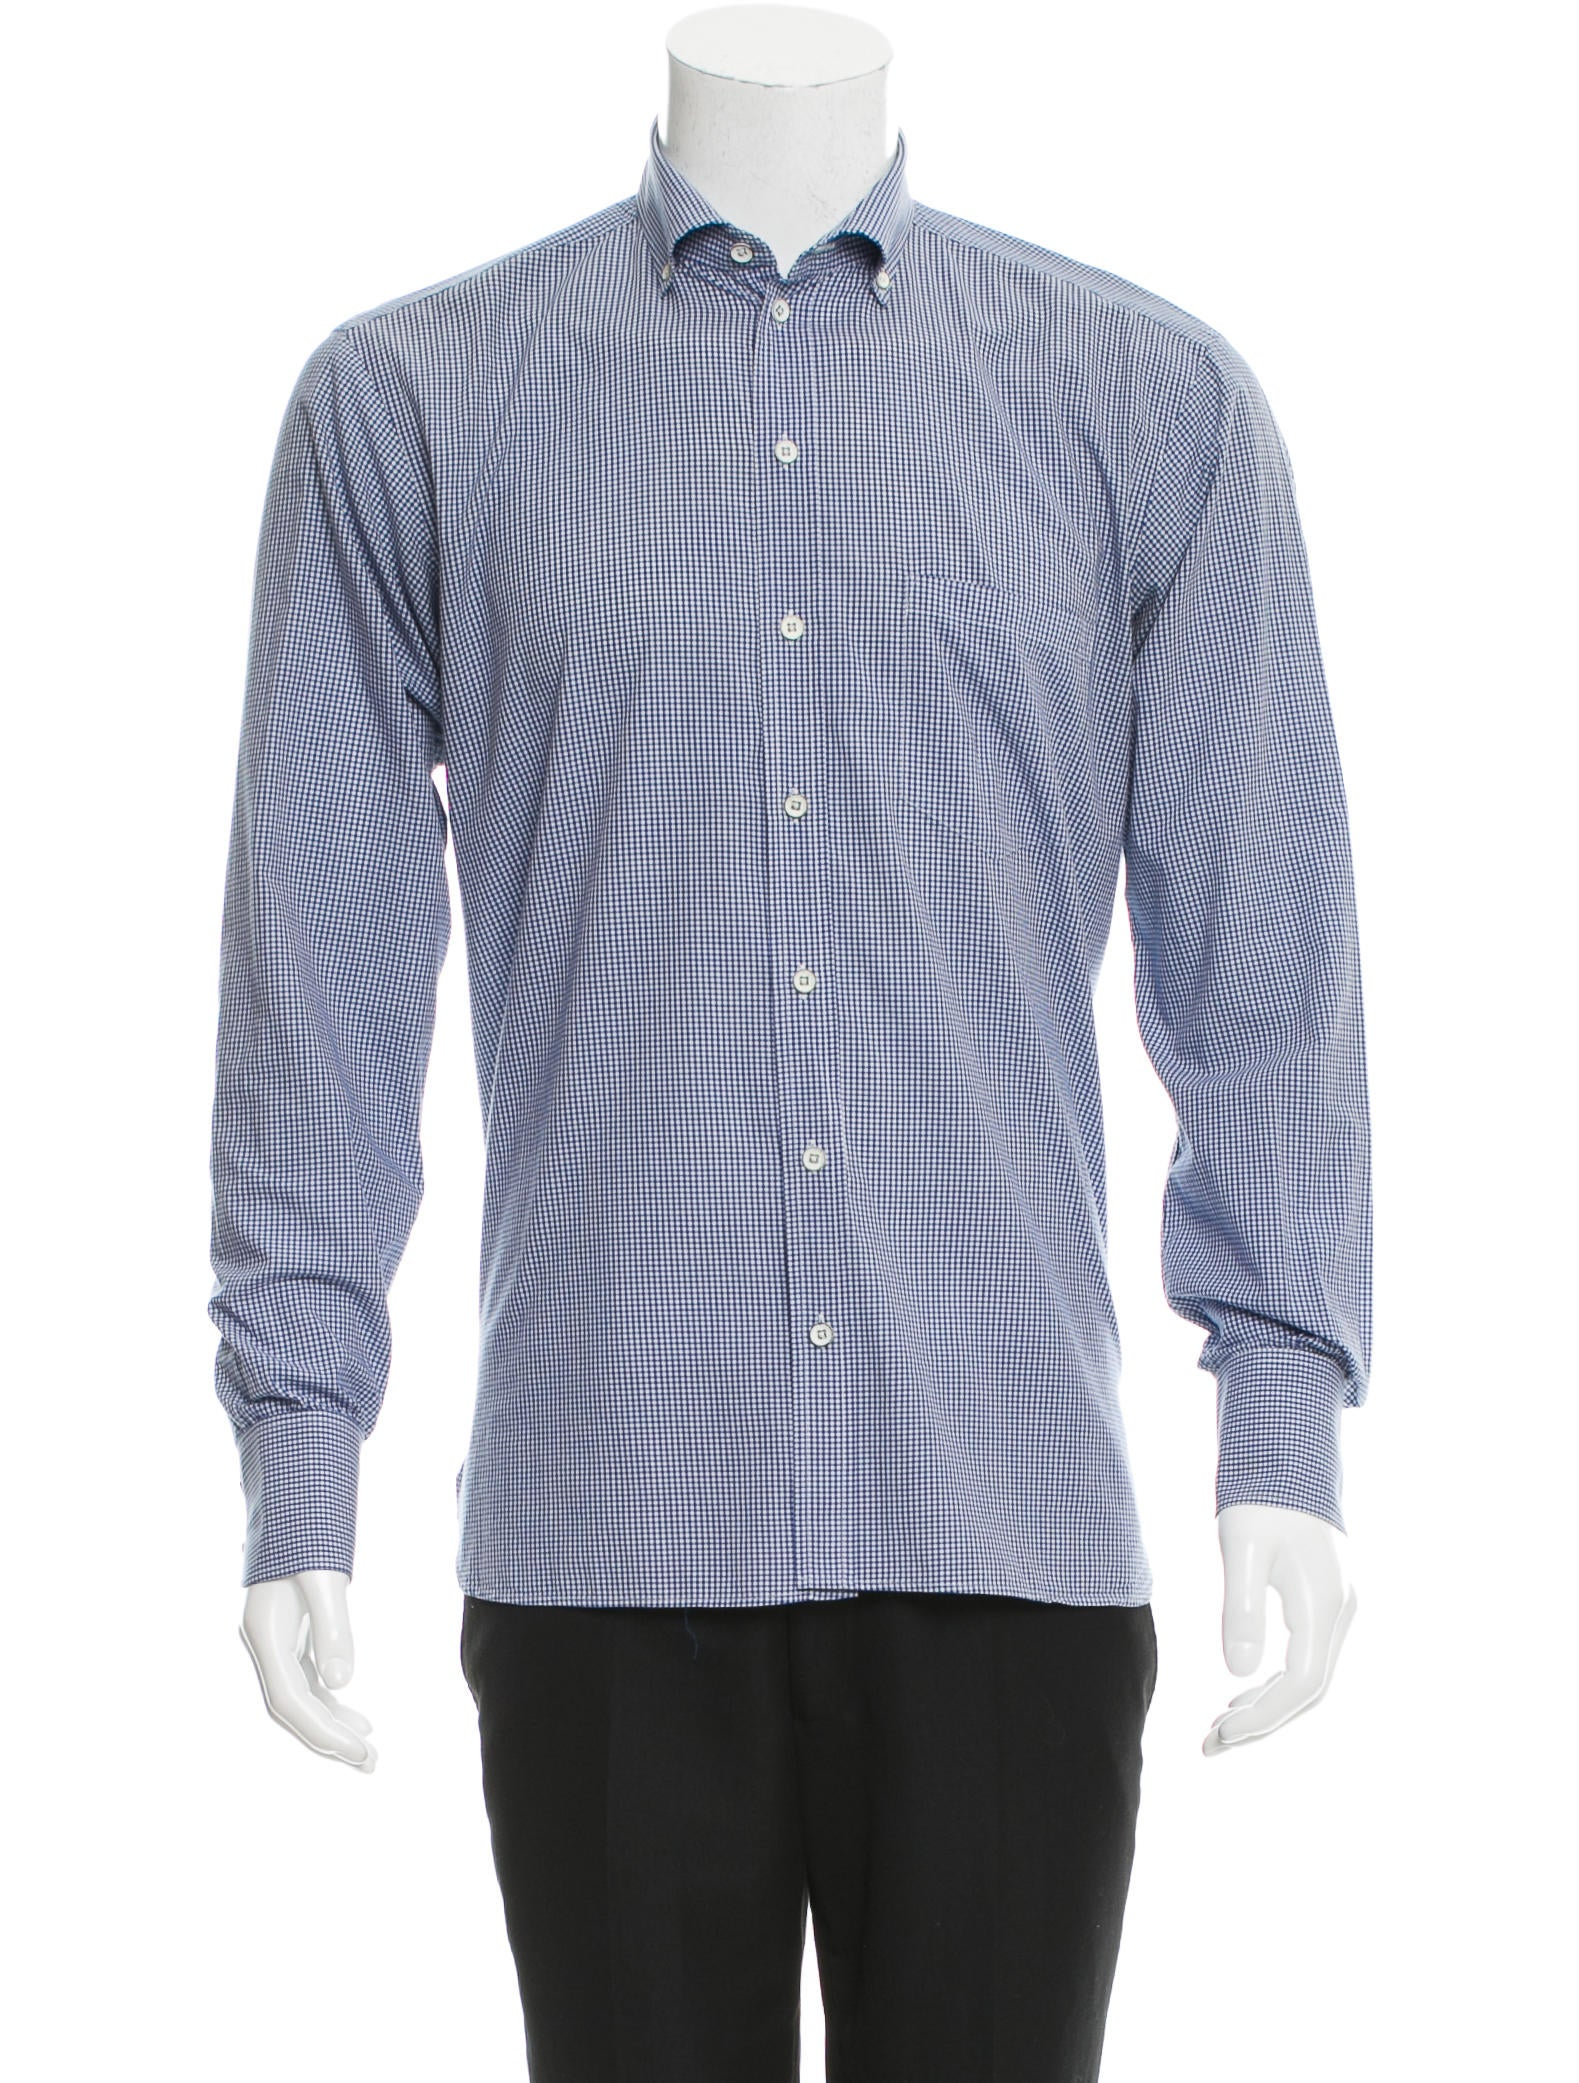 Rag Bone Checkered Print Button Up Shirt Clothing